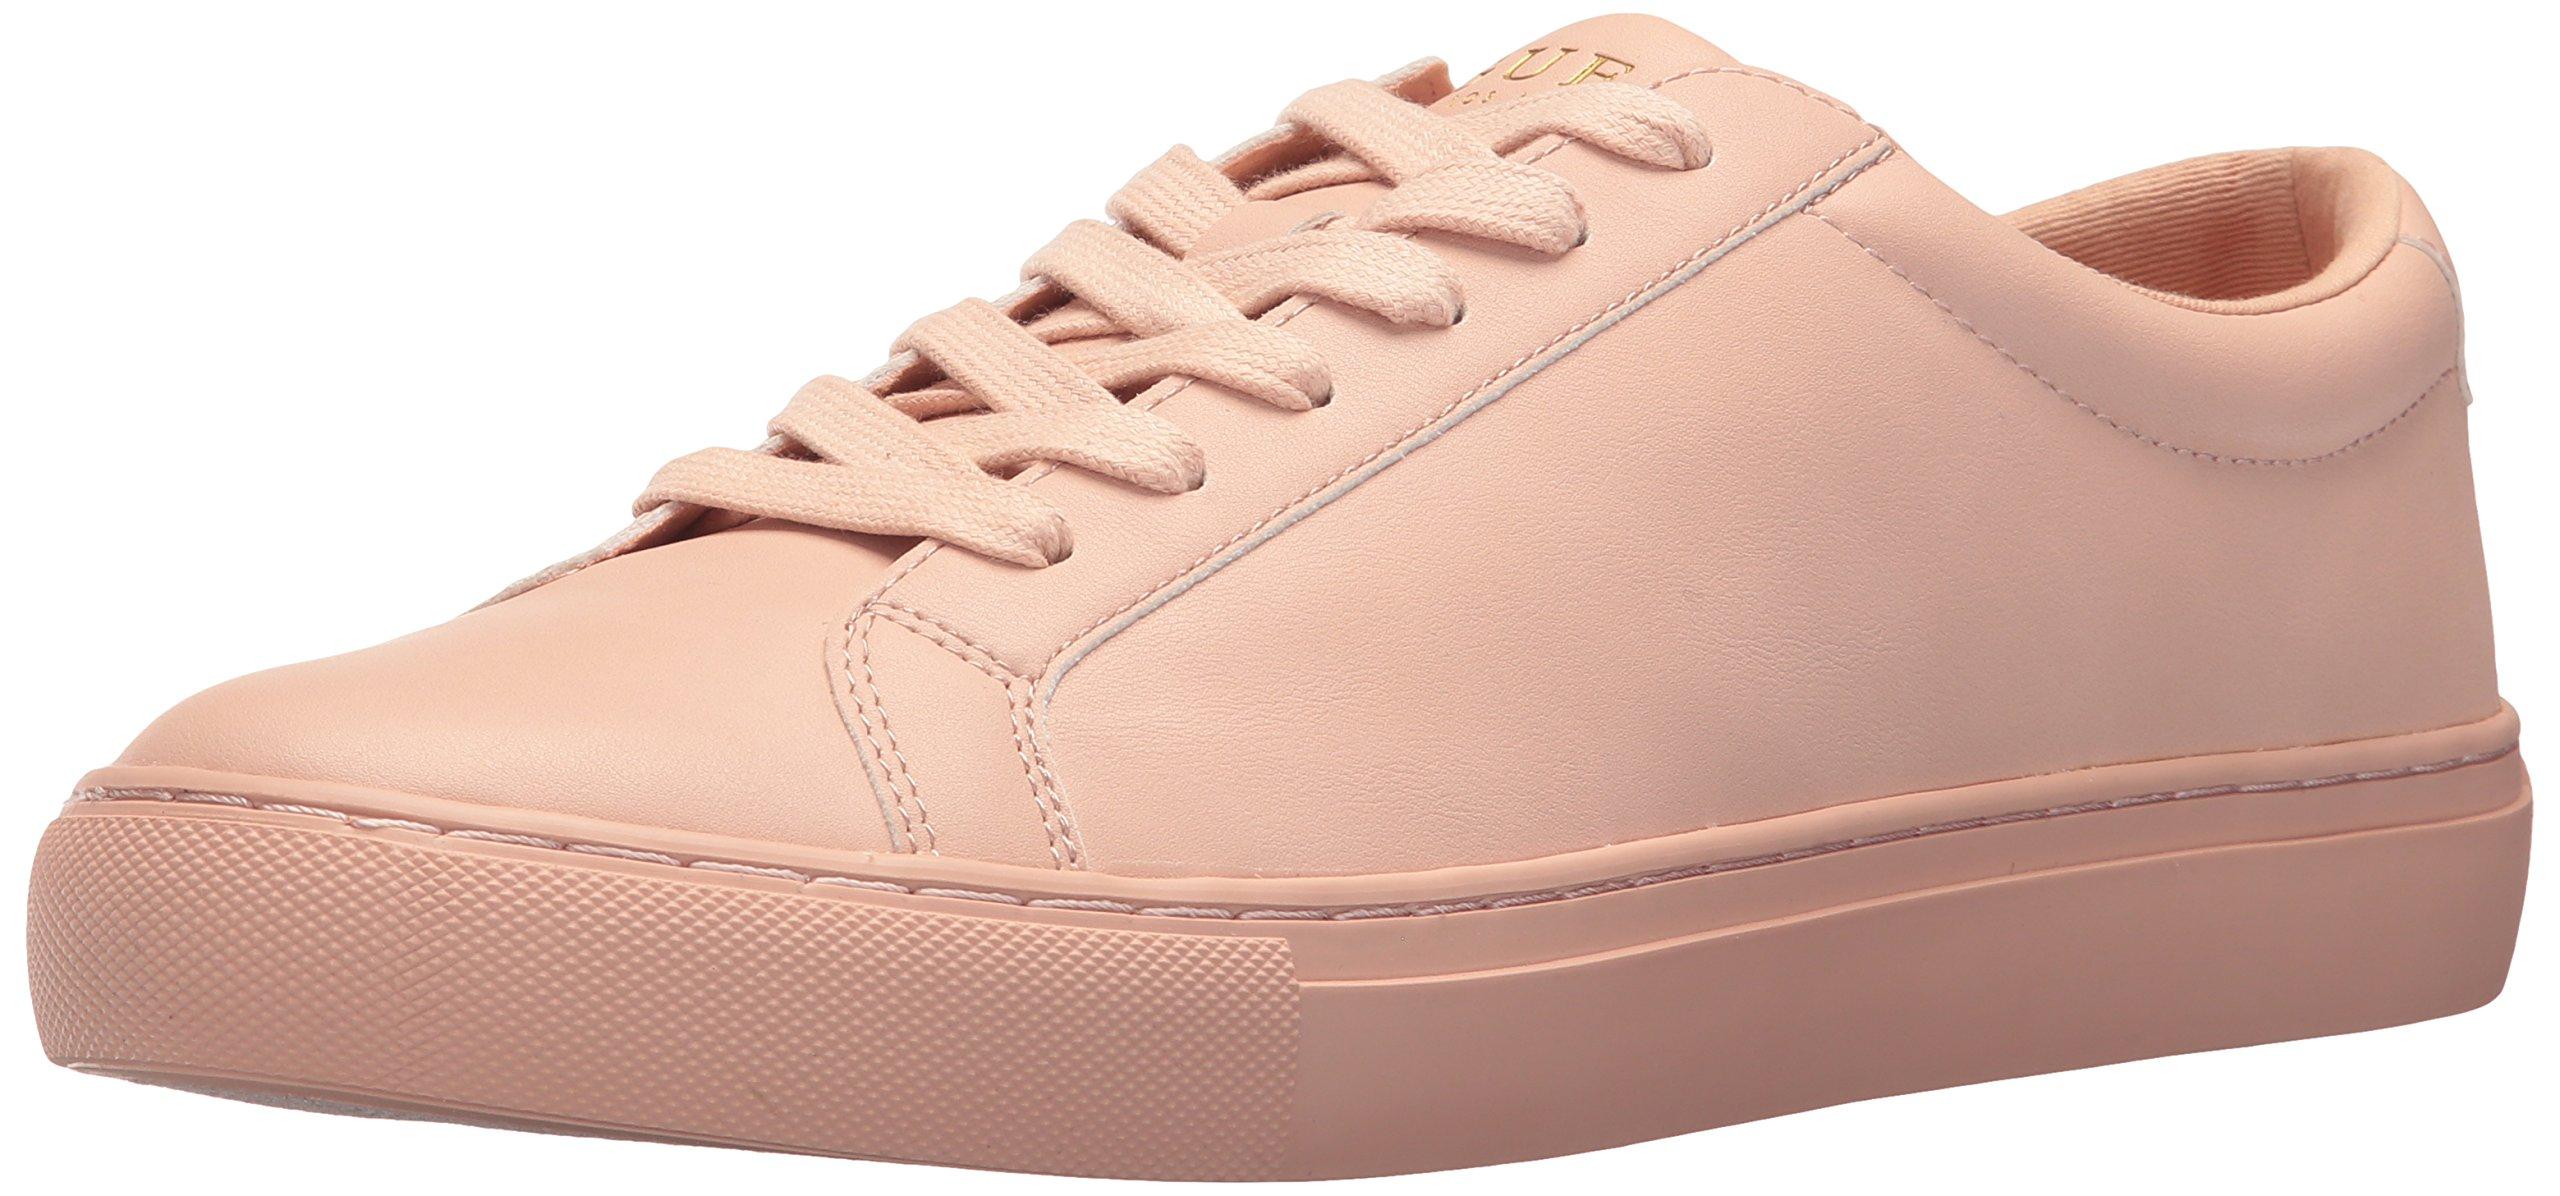 BARETTE Sneaker, Pink, 11.5 Medium